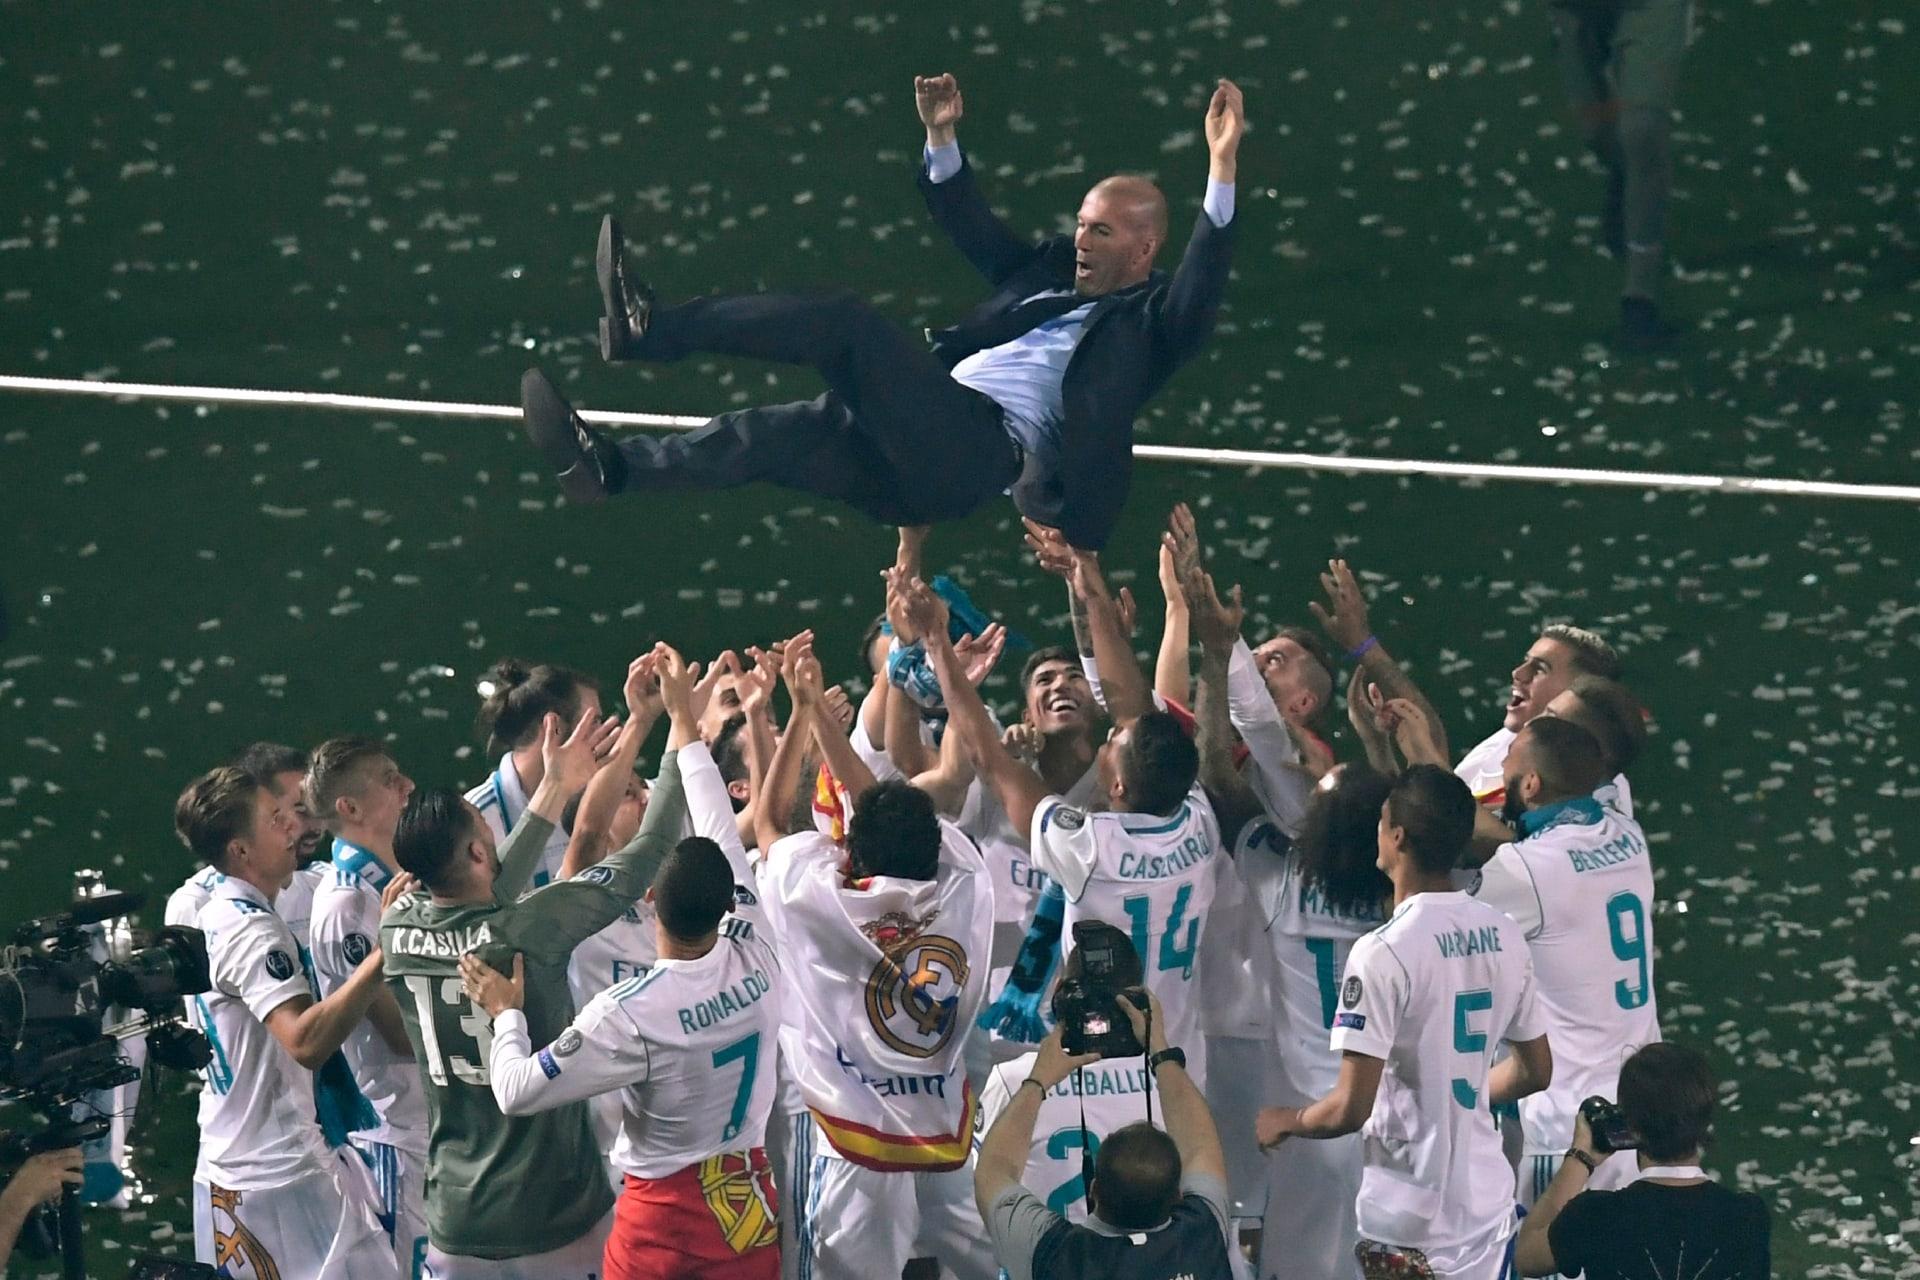 بكلمات مؤثرة وعاطفية.. هكذا ودع لاعبو ريال مدريد زيدان